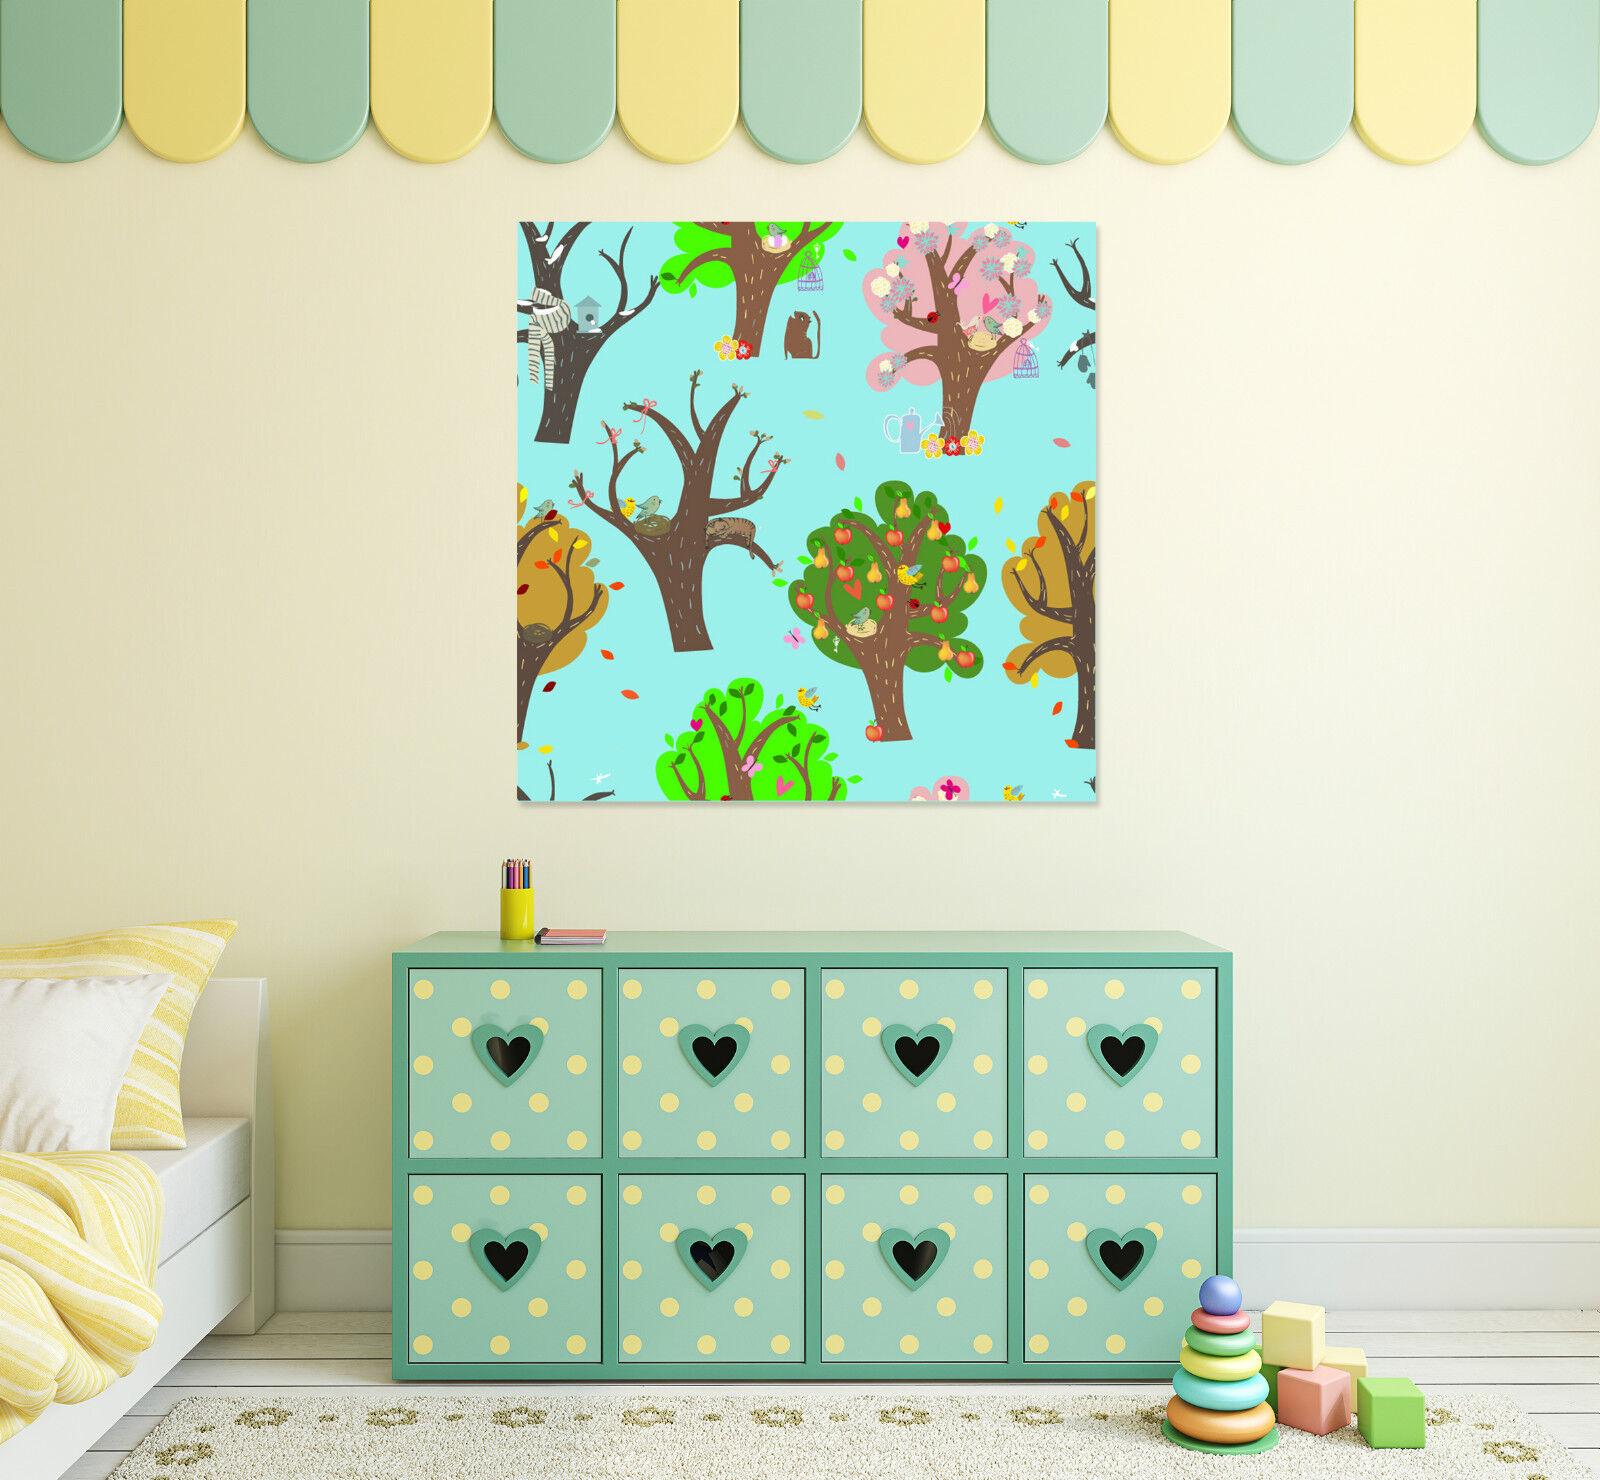 3D Bunte bäume 613 Fototapeten Wandbild BildTapete AJSTORE DE Lemon